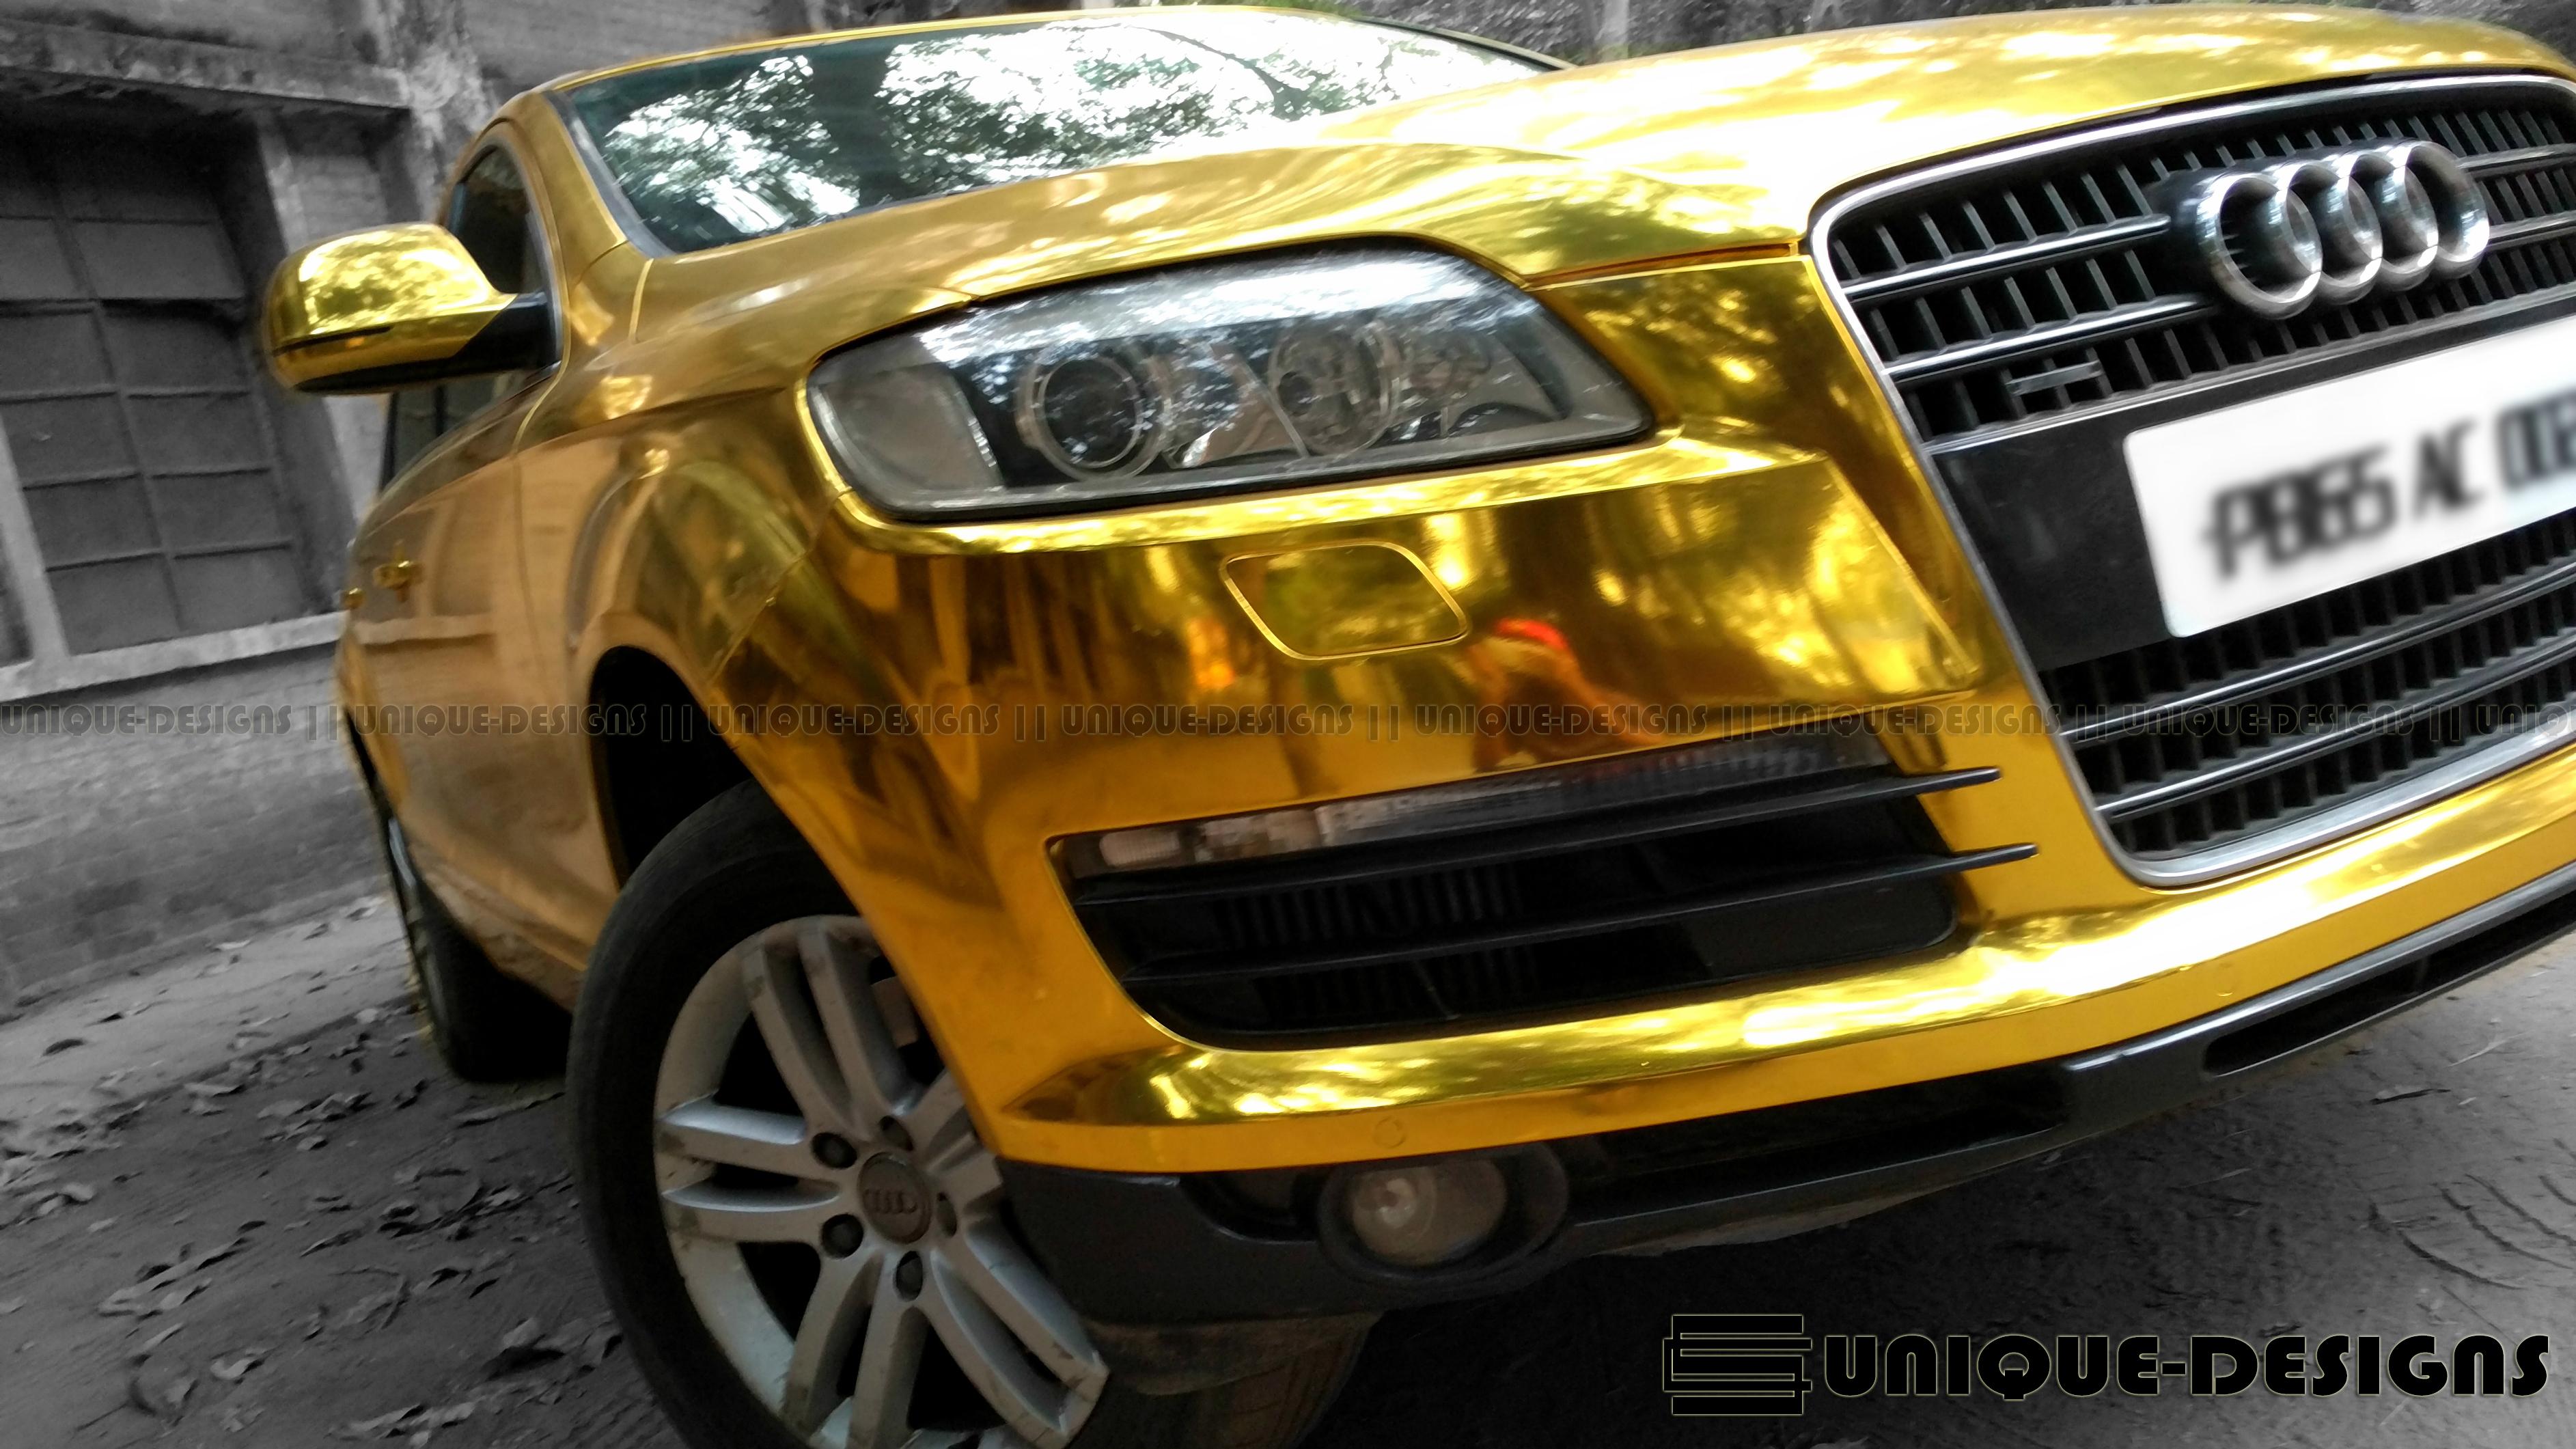 Gold Chrome Audi Q7 Wrap Wrapfolio